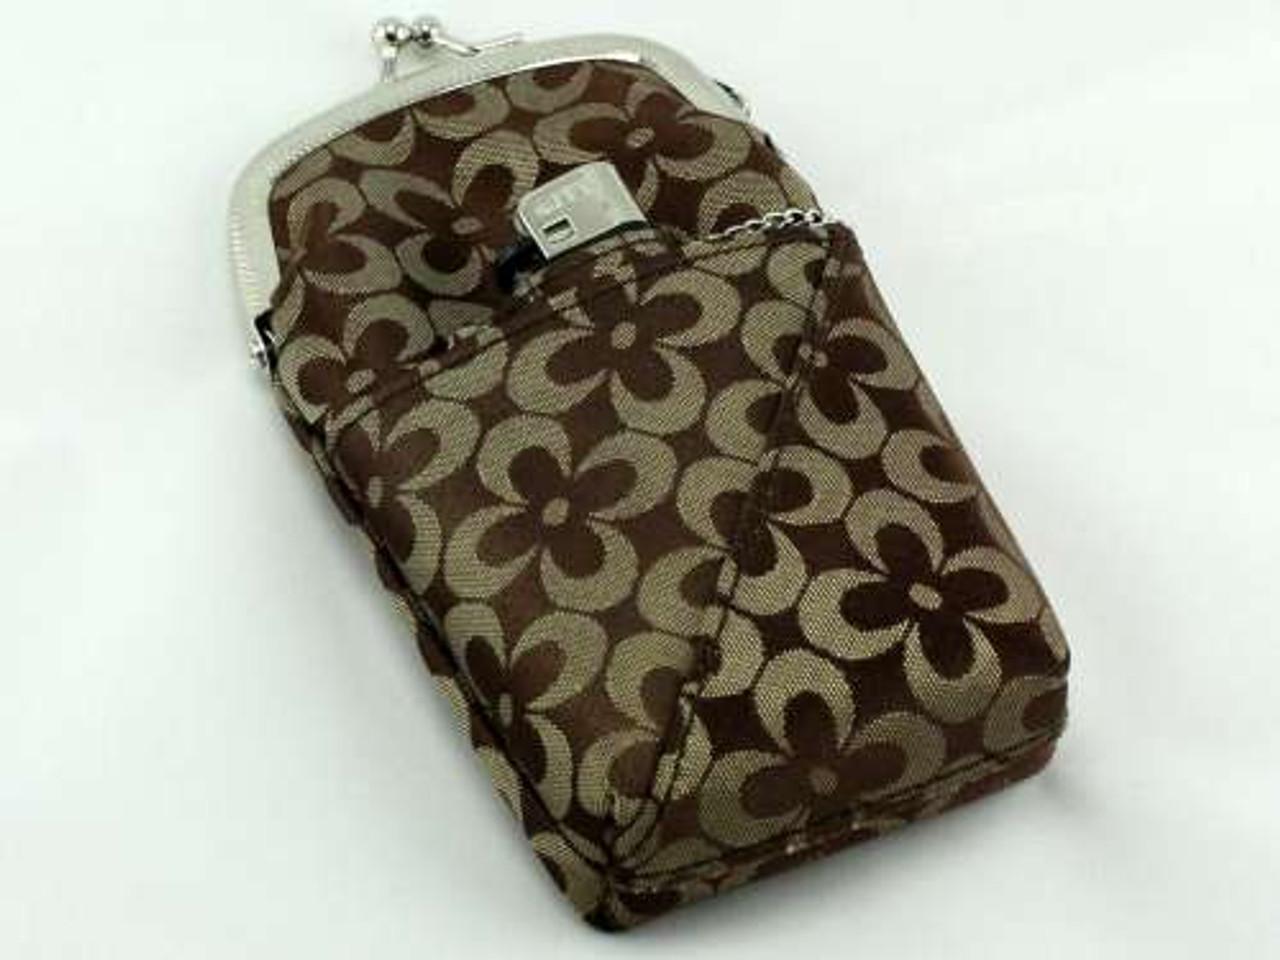 Brown Floral Cigarette Pack Holder